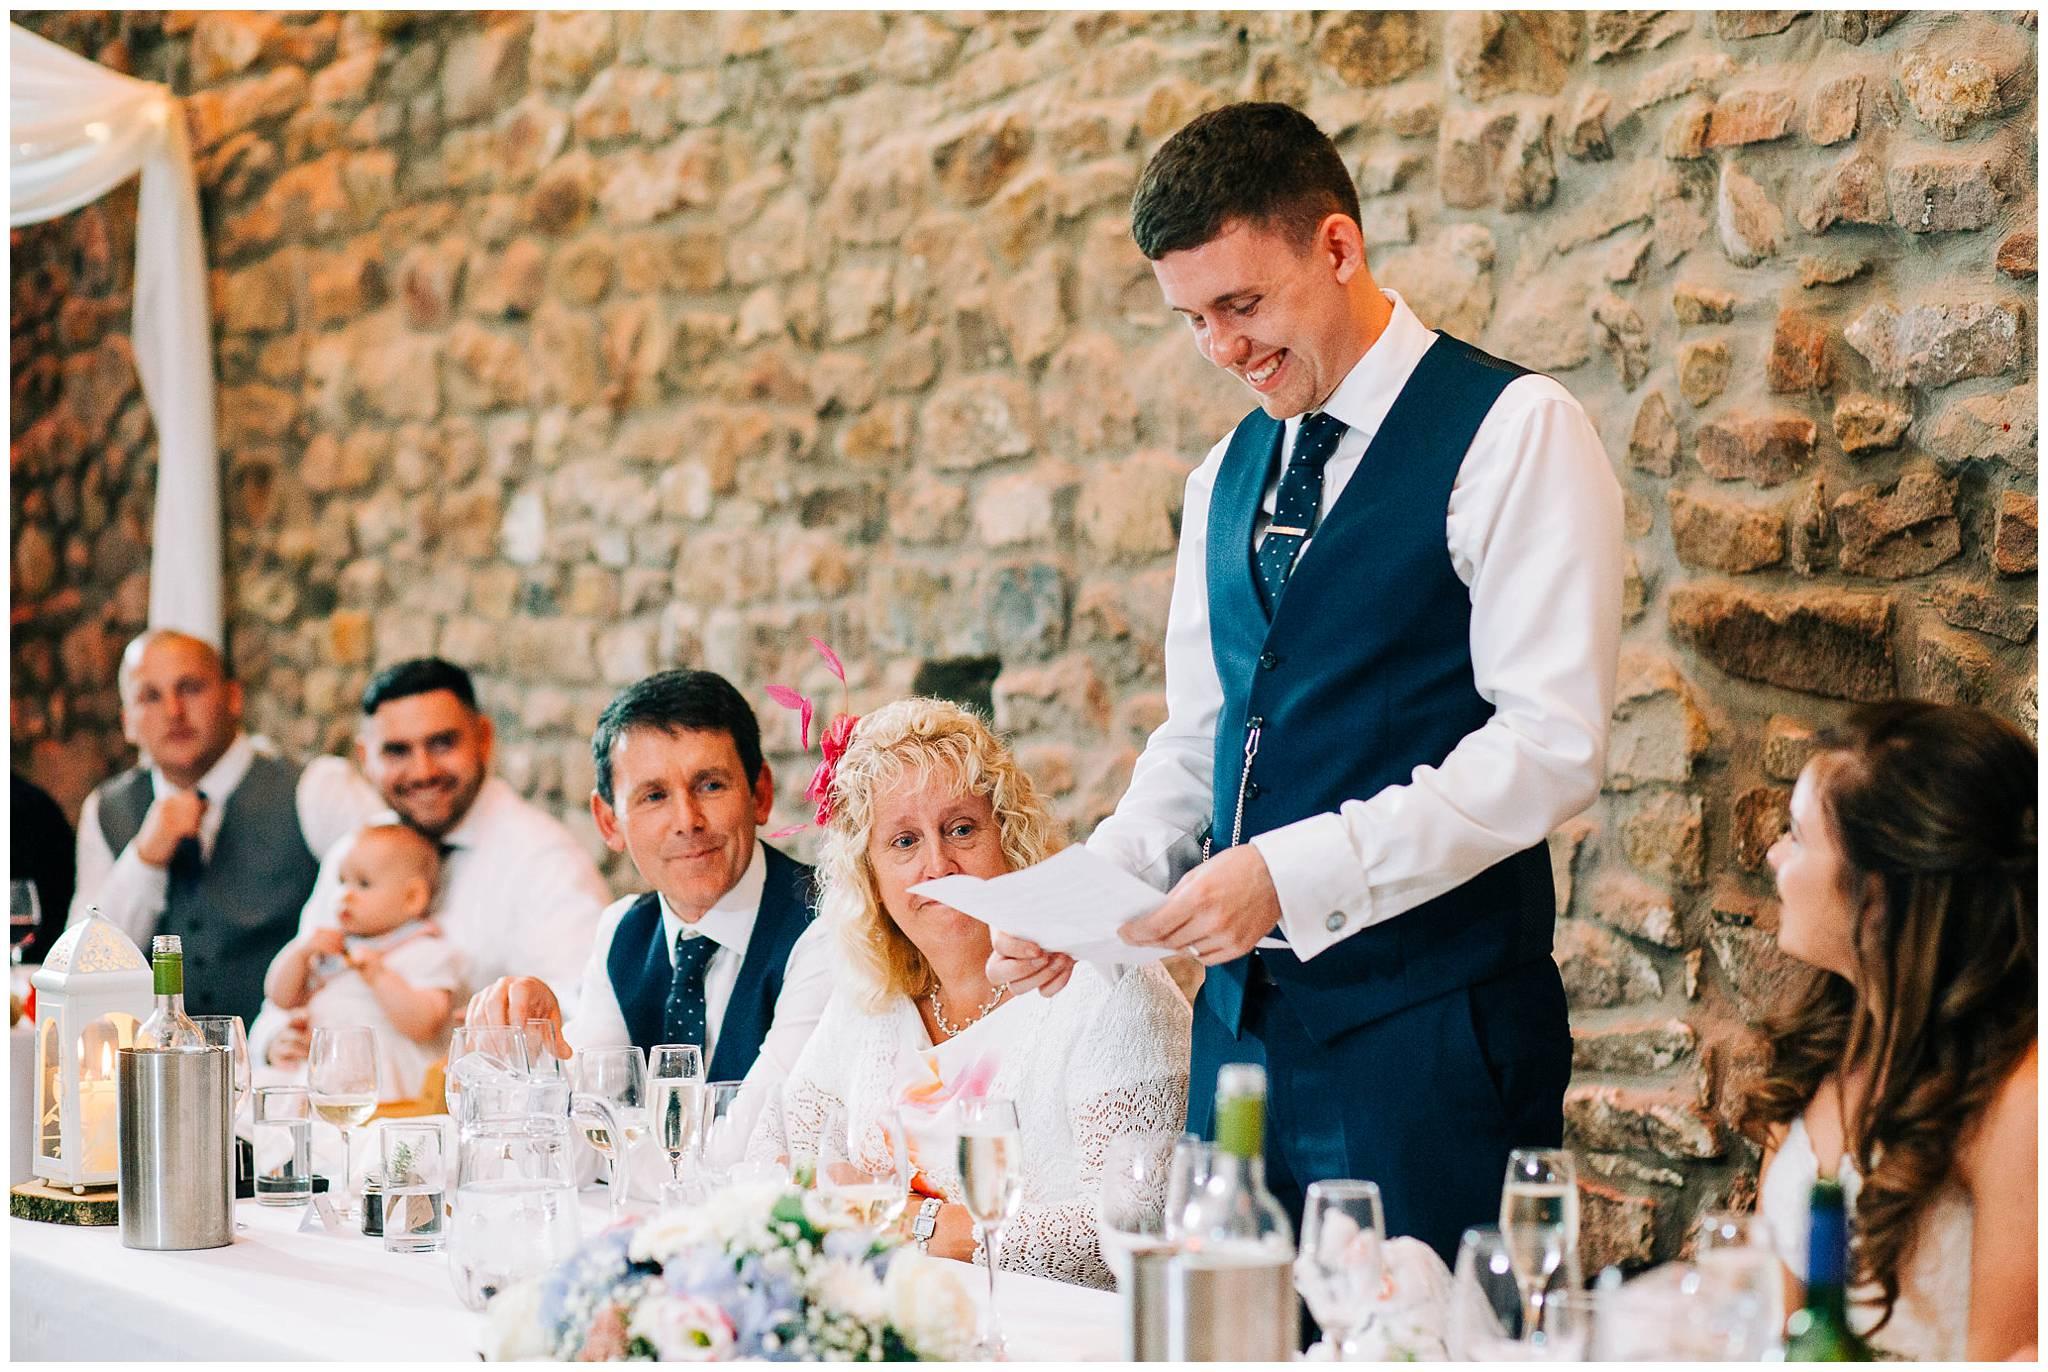 Fun Rustic wedding - browsholme hall and tithe barn Photographer-101.jpg